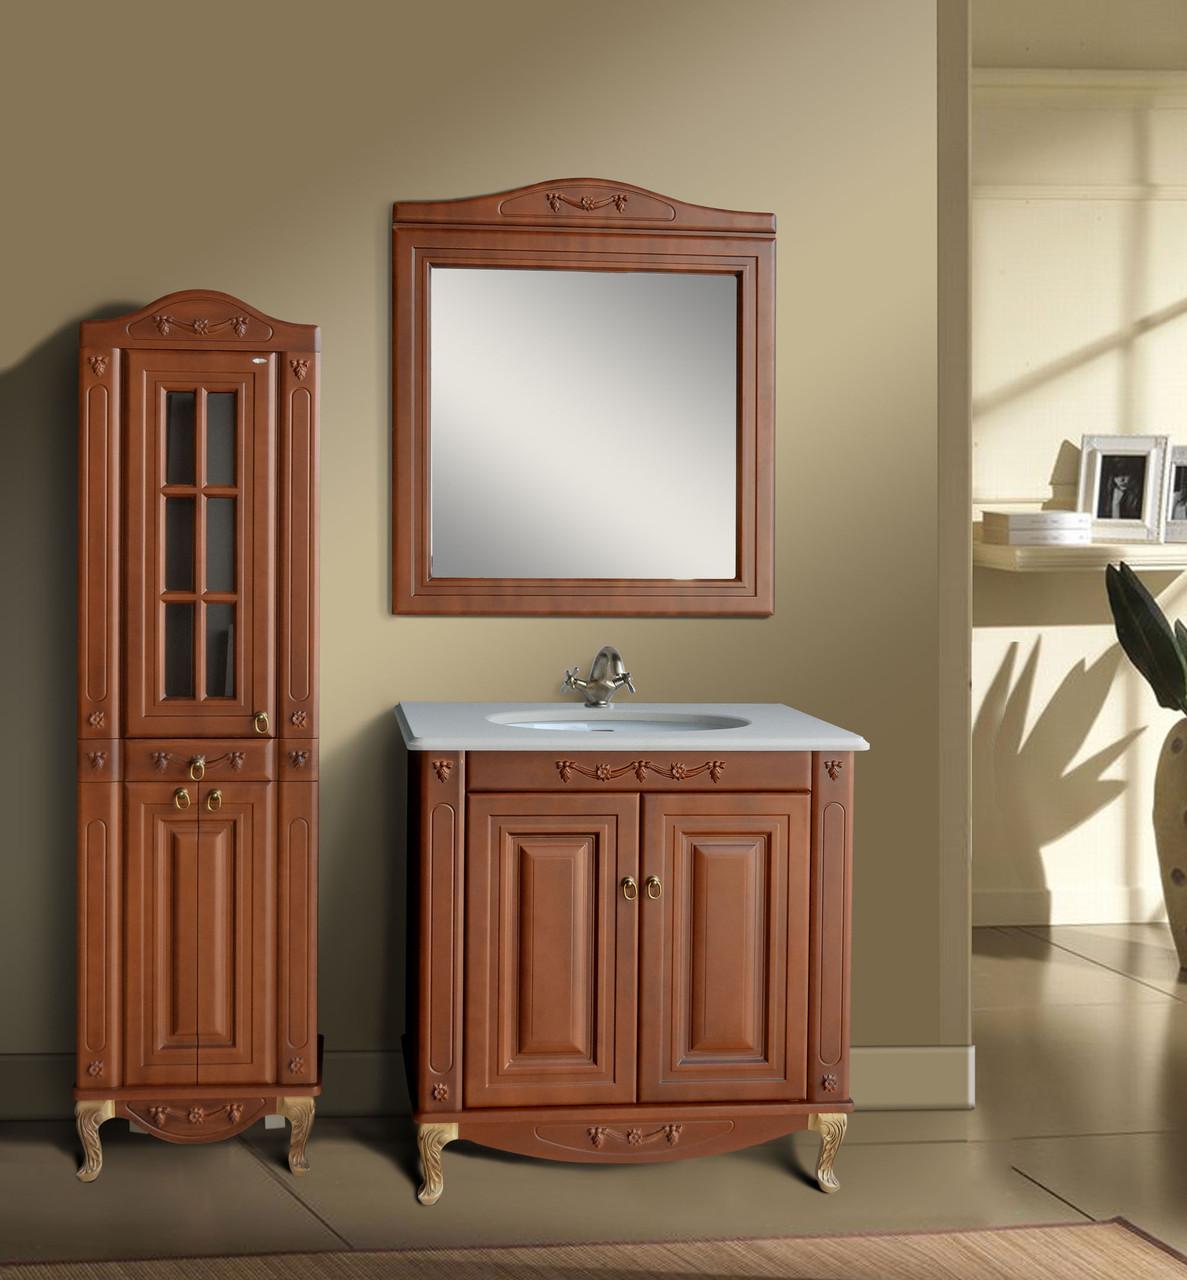 Комплект мебели Ольвия (Атолл) Верона 85 глухой фасад столешница камень scuro